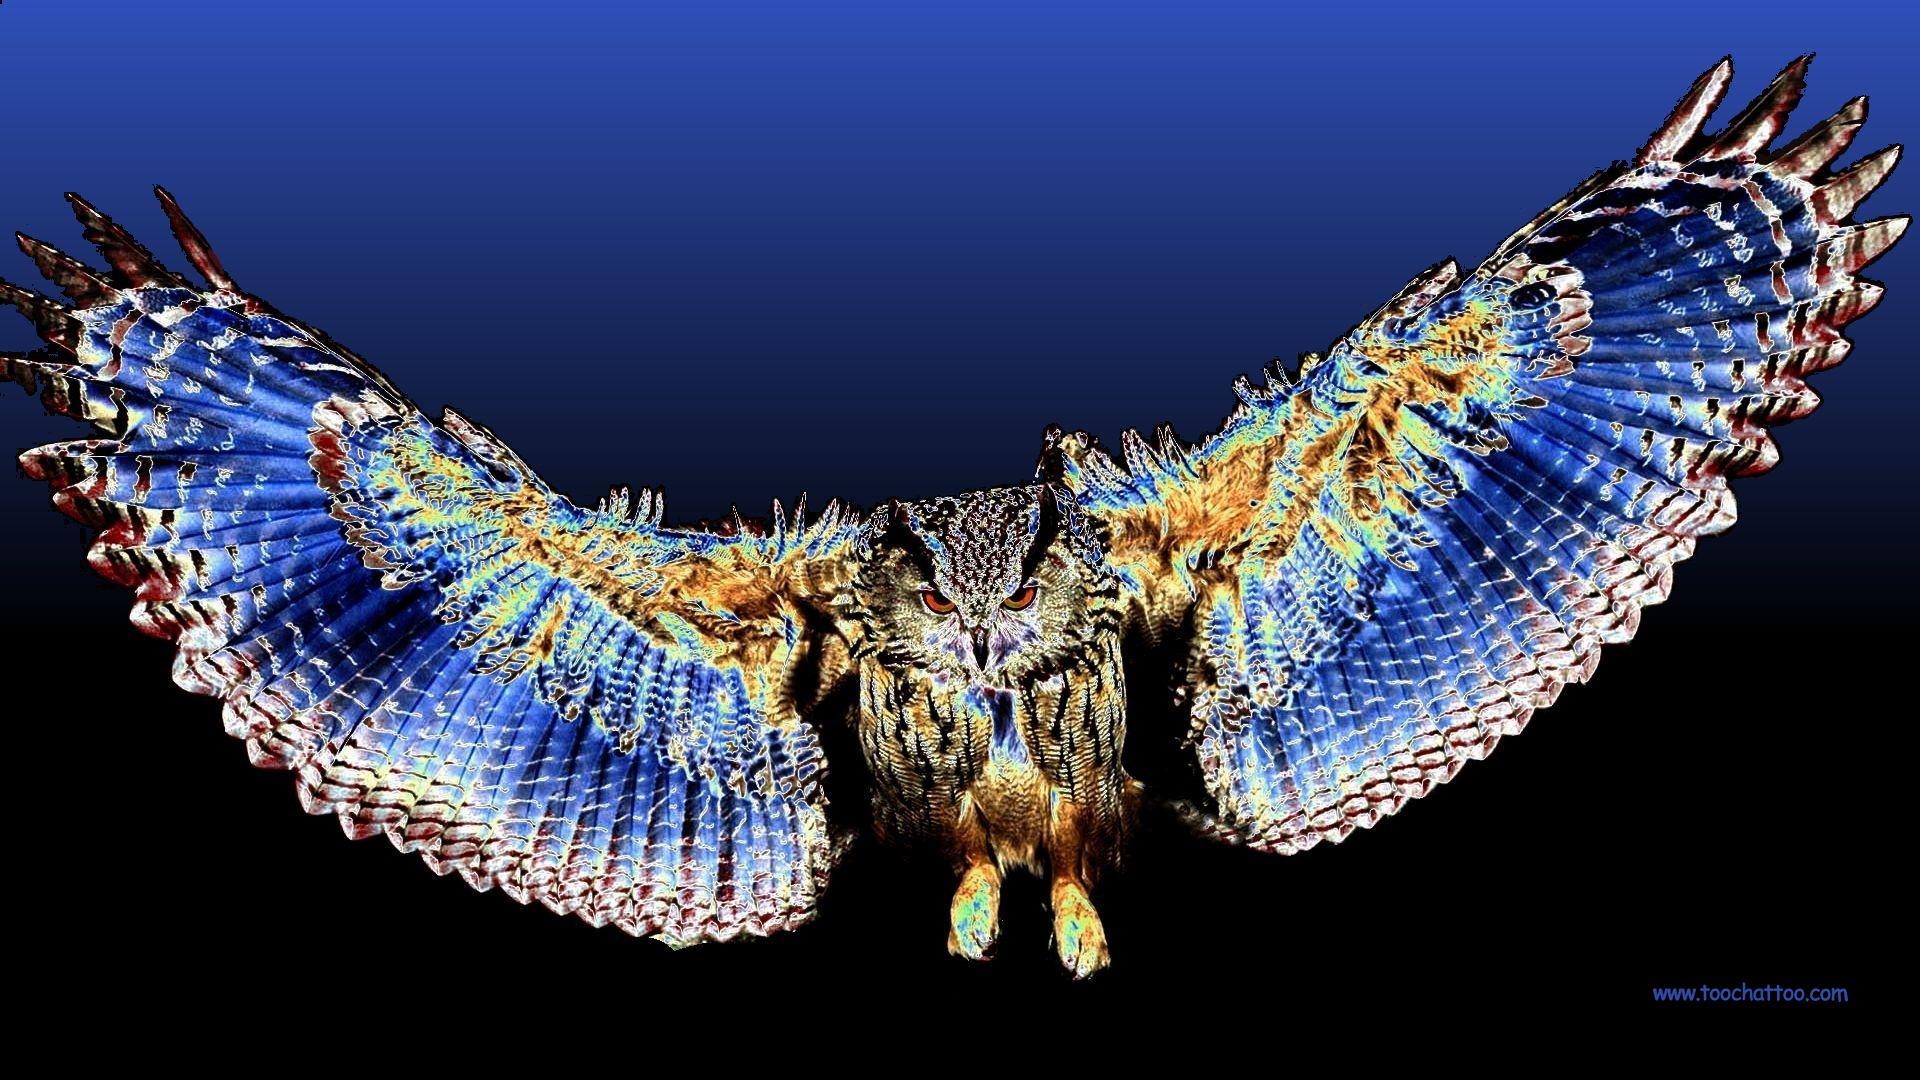 Fond ecran gratuit d 39 oiseaux et rapaces for Photo de fond ecran